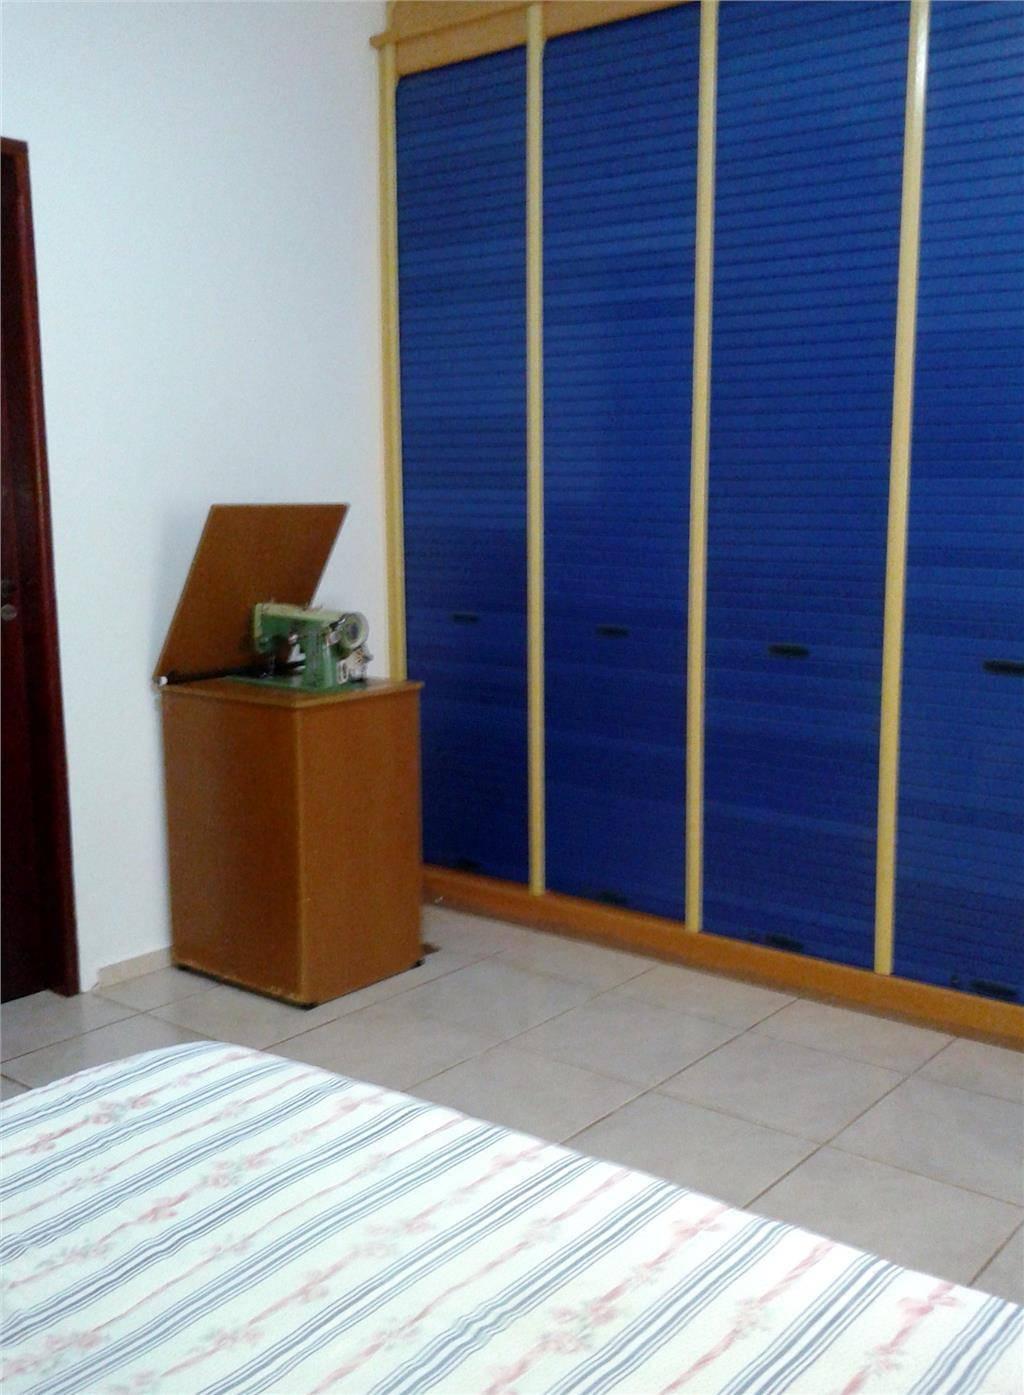 Chácara 3 Dorm, Loteamento Chácaras Vale das Garças, Campinas - Foto 7